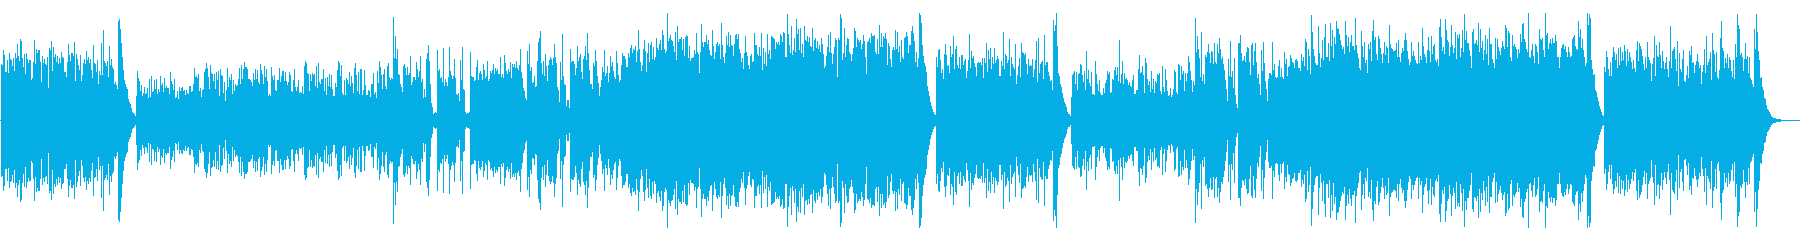 三味線、尺八とオーケストラの和風バトル曲の再生済みの波形